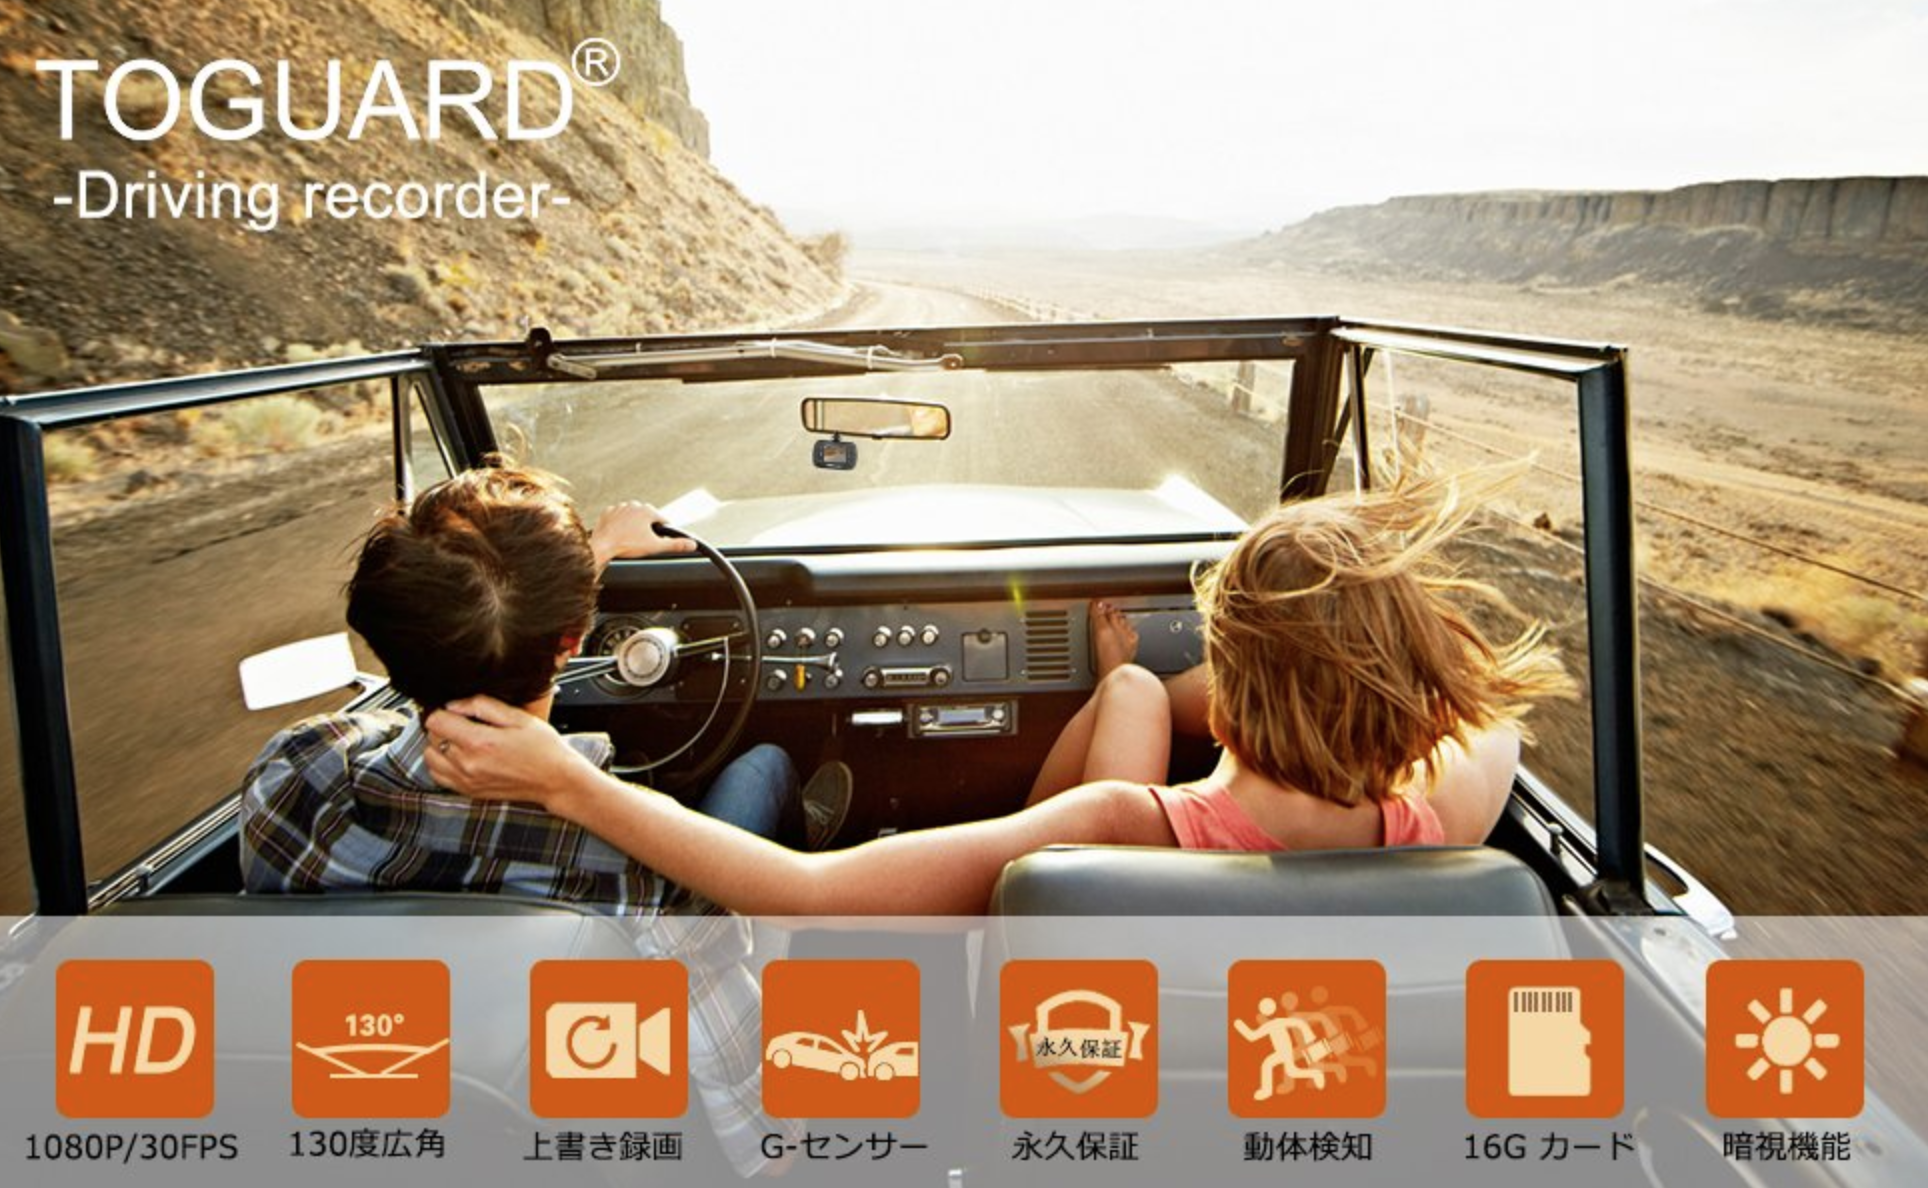 [Amazon]安全運転装備計画化としてドライブレコーダー「Toguard ドライブレコーダー ドラレコ 1080P フルHD 動き検知 常時録画 上書き録画 Gセンサー搭載 16Gカード付属」を買ってみたよ